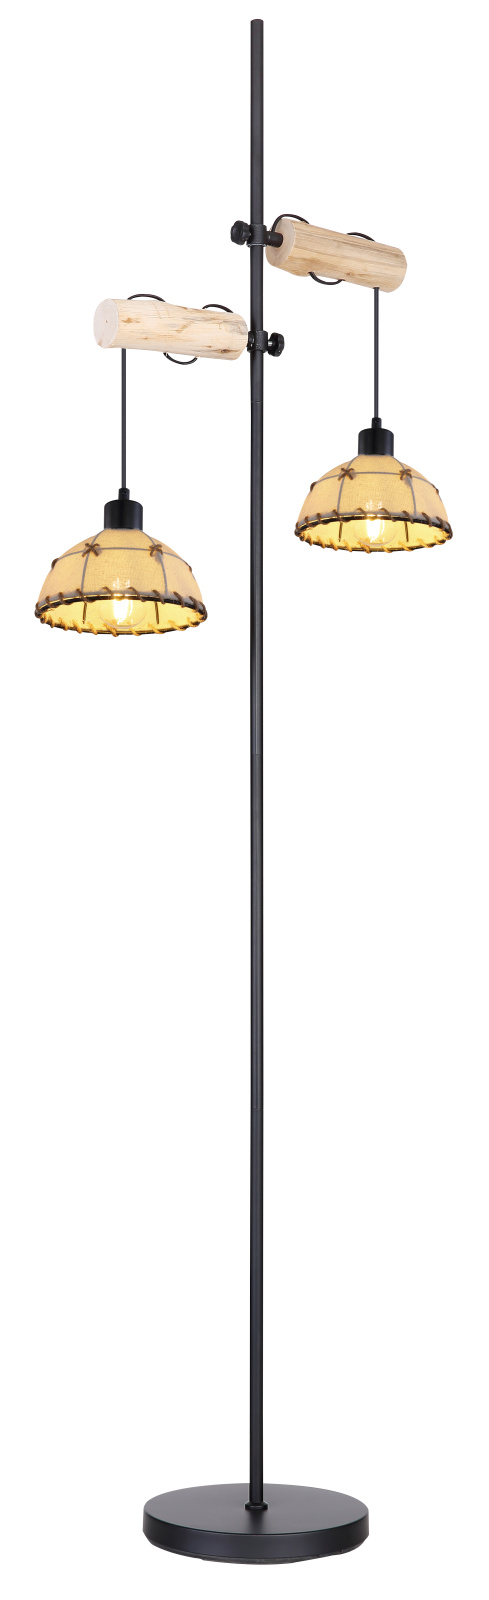 Állólámpa fém mennyezetrózsával, textil kábellel, textil búrával, kenderkötél öltésekkel dekorálva exkl. 2xE27 60W 230V